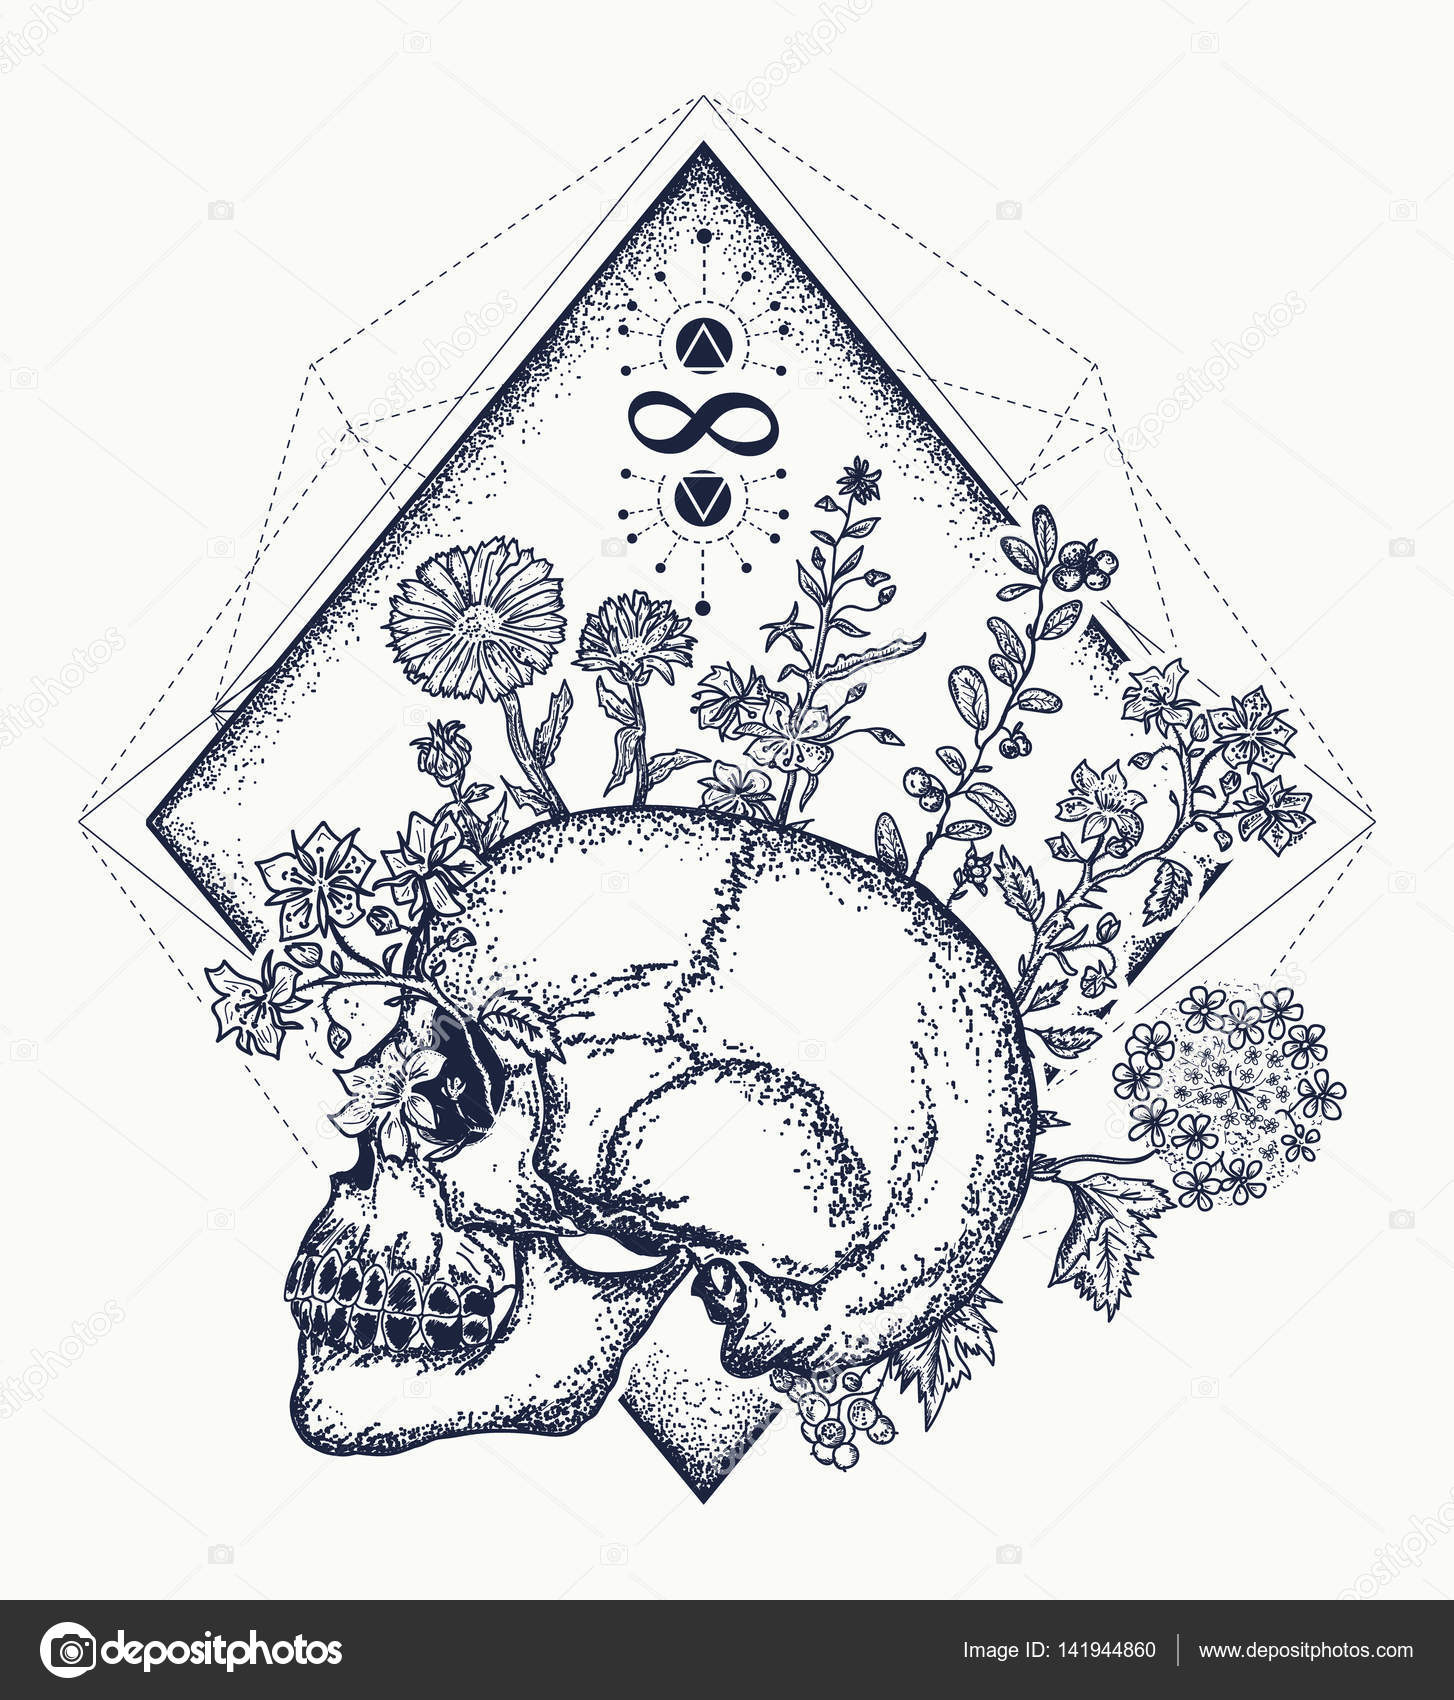 Cr ne humain par le biais de laquelle les fleurs tatouage art symbole de la vie image - Symbole de la vie ...